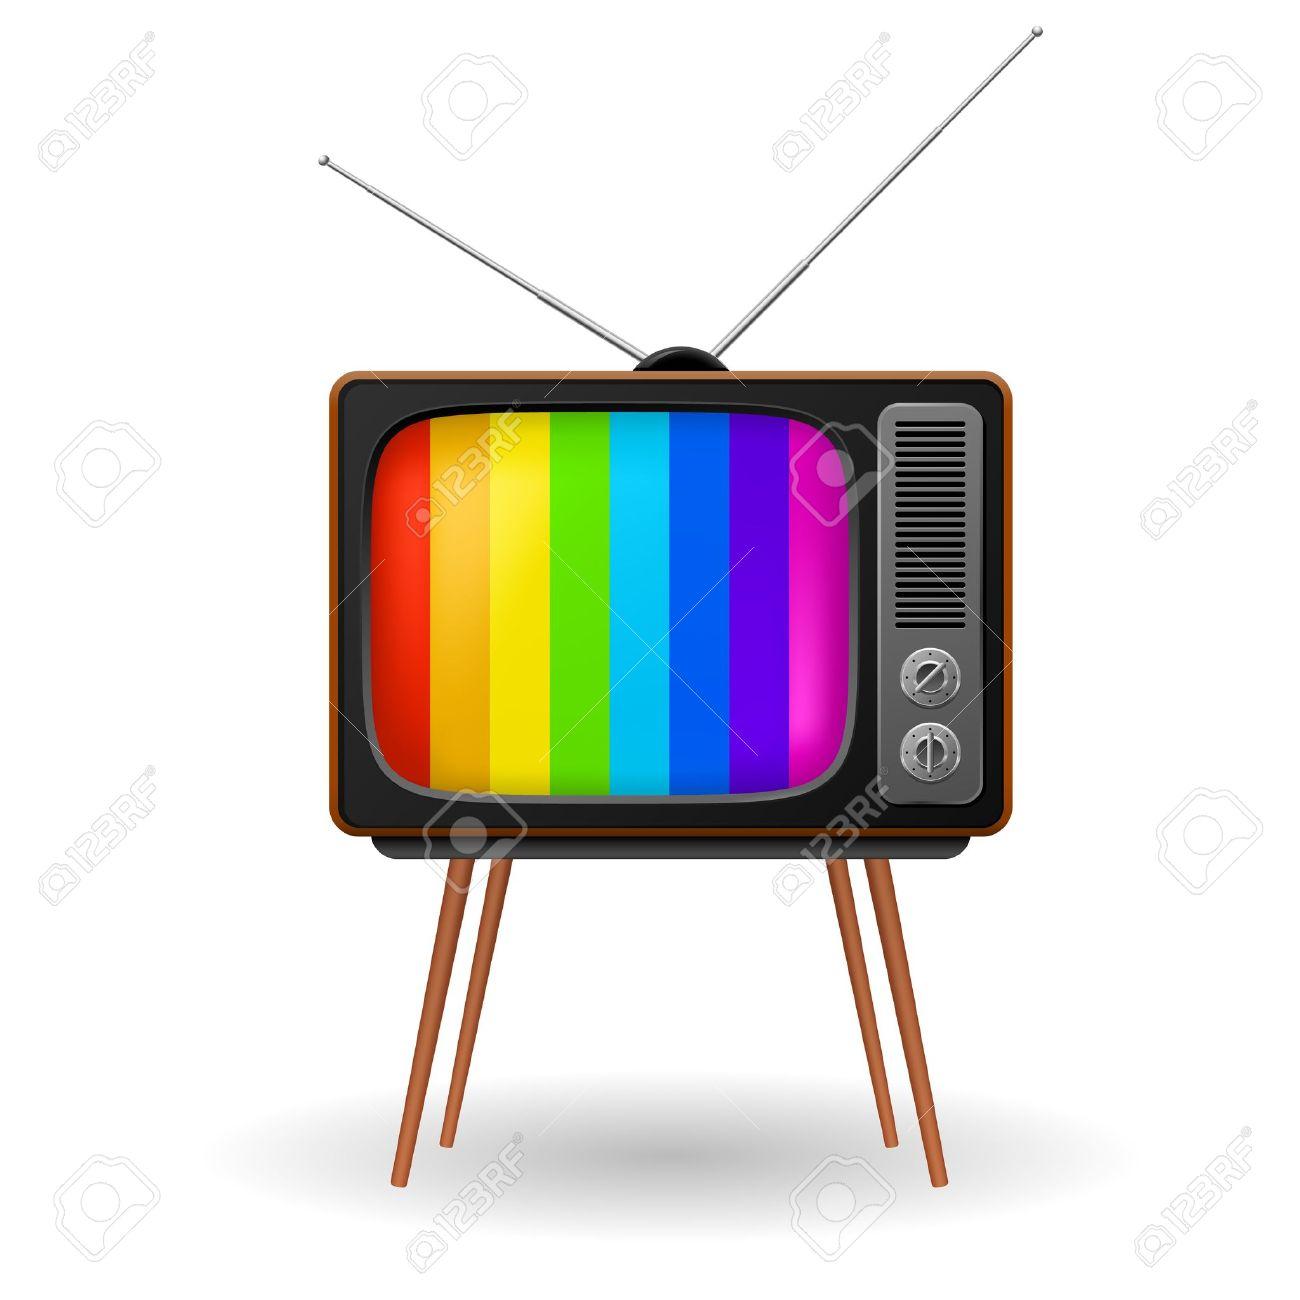 TV Retro Con Marco De Color. Ilustración Sobre Fondo Blanco ...